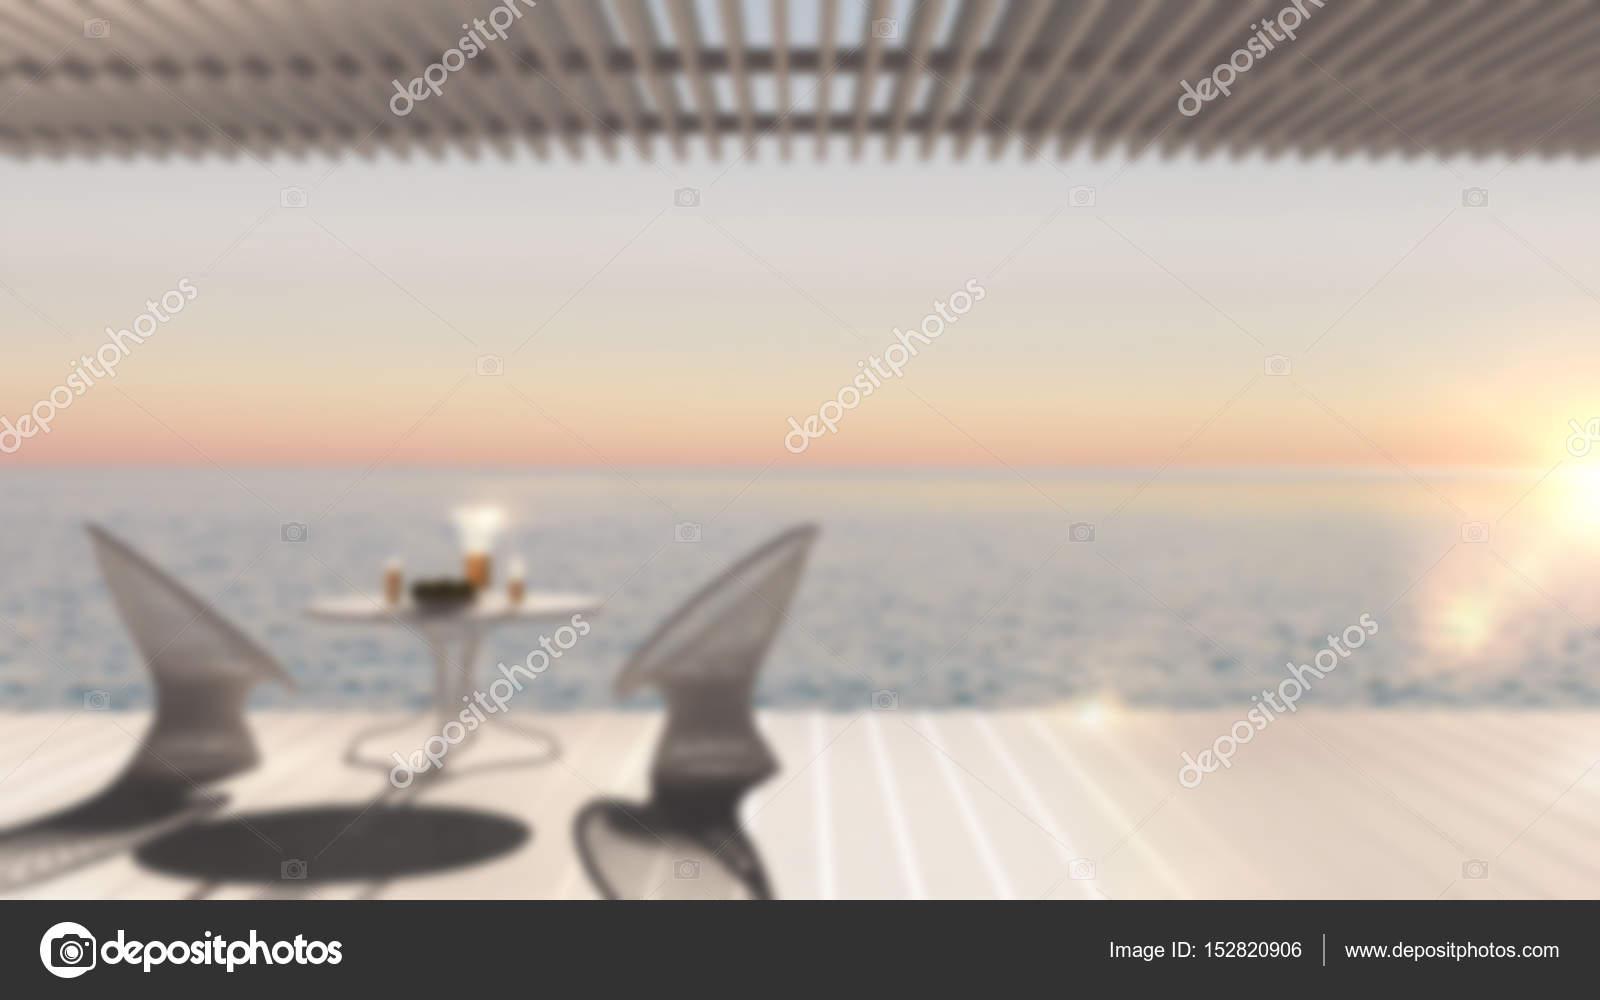 Vervagen de achtergrond interieur minimalistisch modern terras met